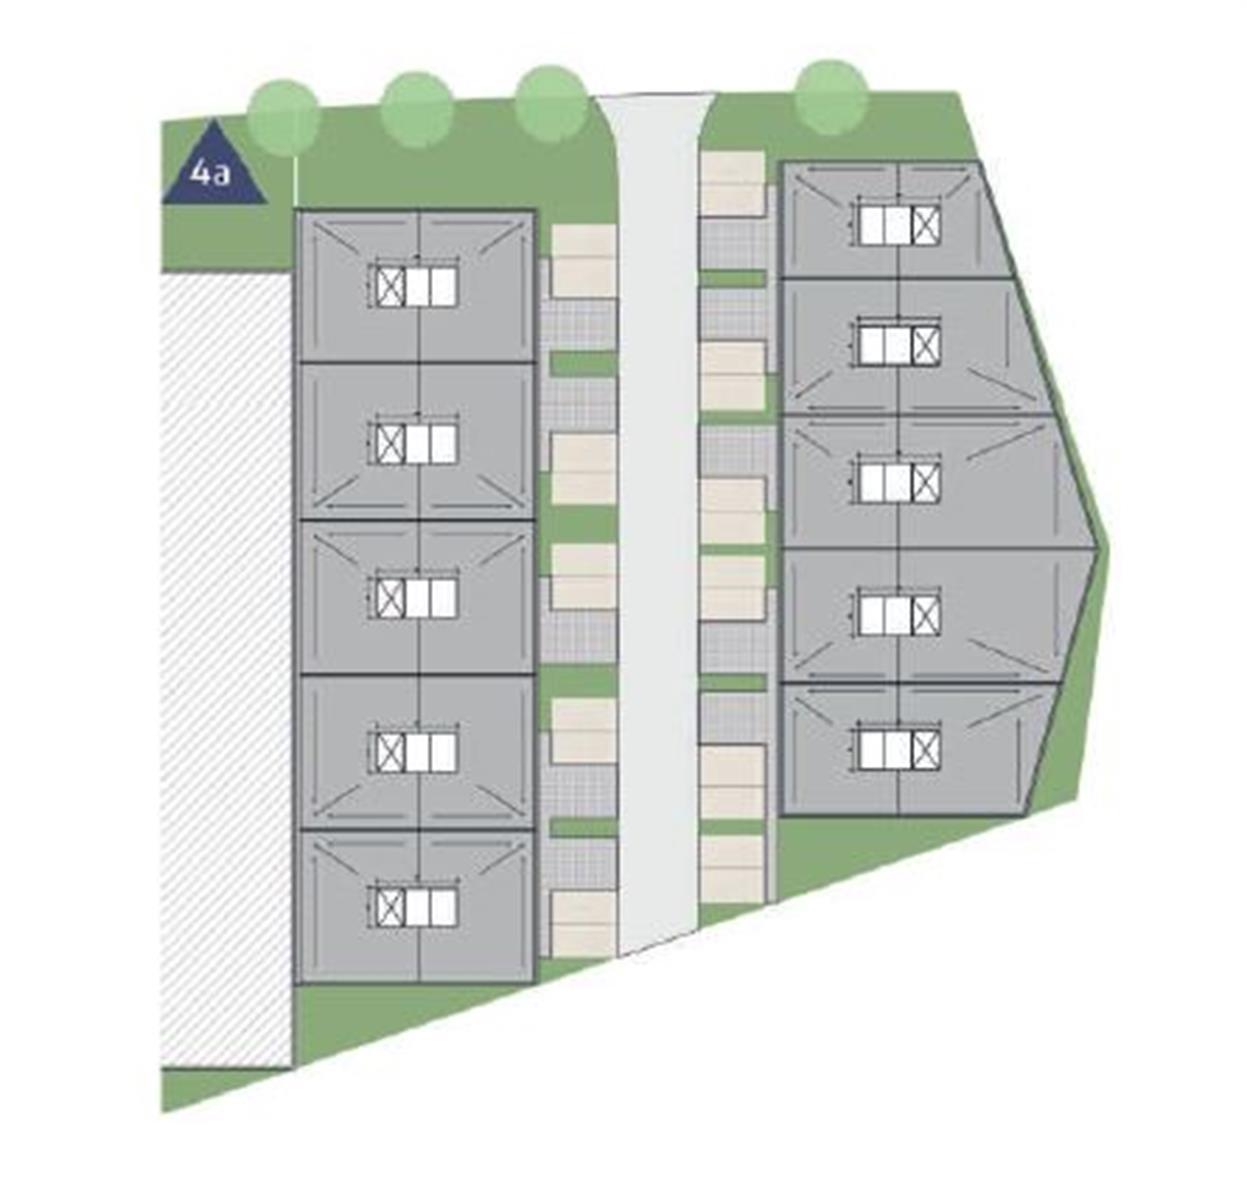 KMO-unit verkocht UNIT 4.2.3 Bollaarstraat 6